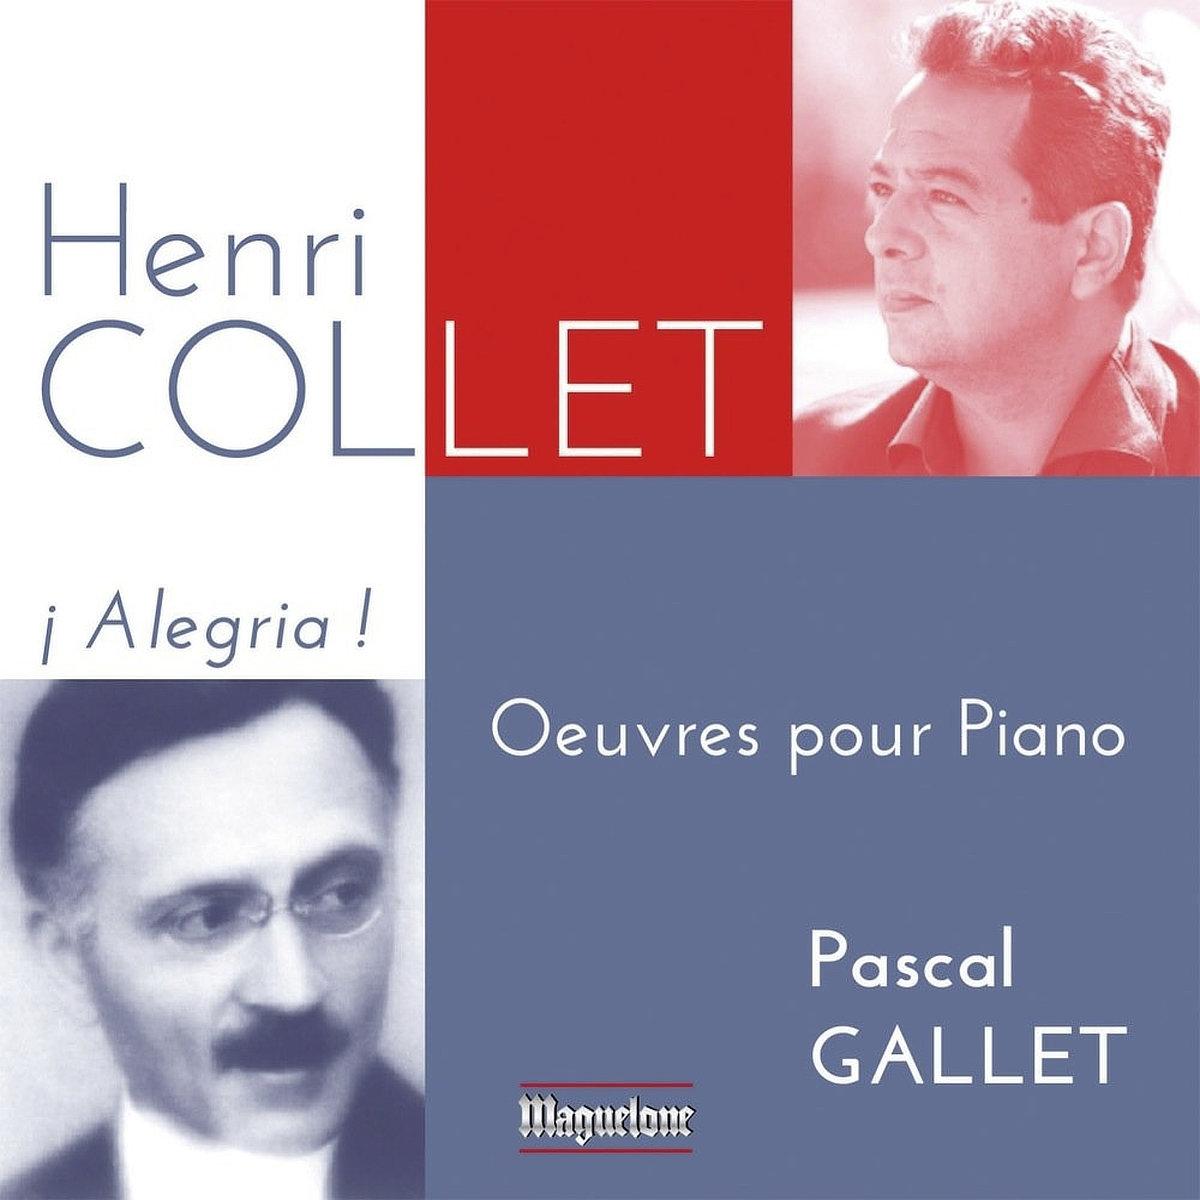 Henri Collet - Œuvres pour piano